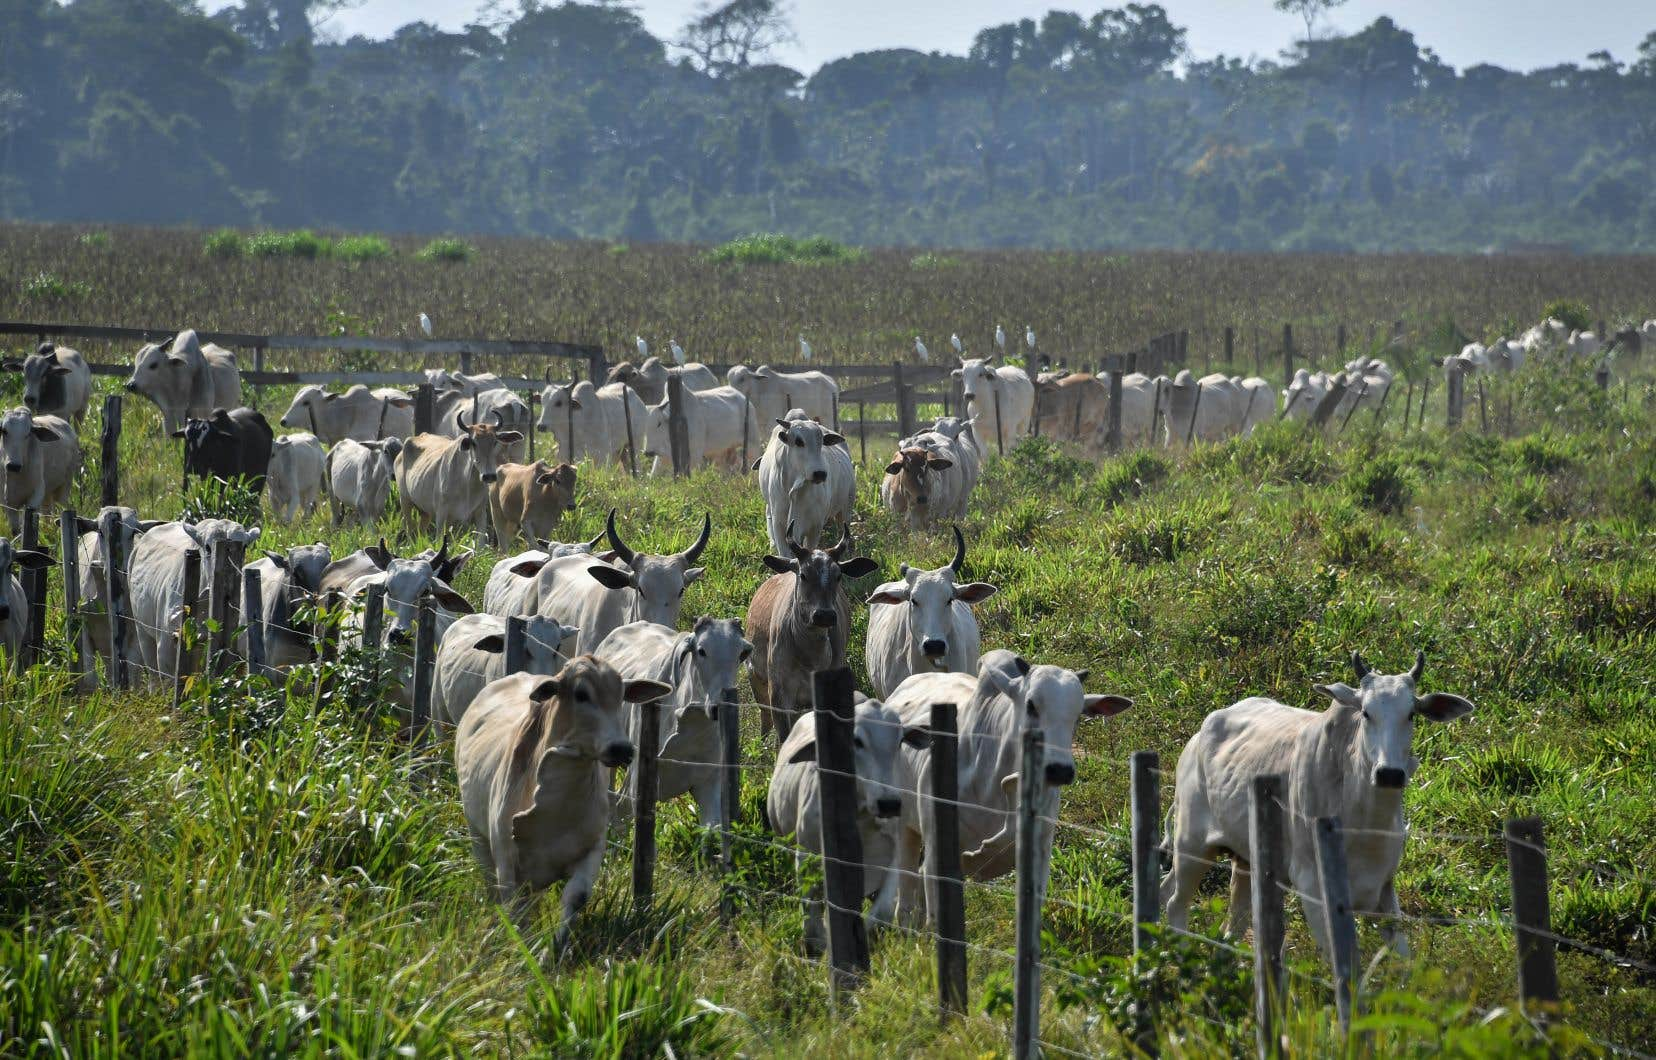 La traçabilité demeure l'enjeu le plus important pour éviter que les géants agroalimentaires s'approvisionnent dans des élevages liés à la déforestation.